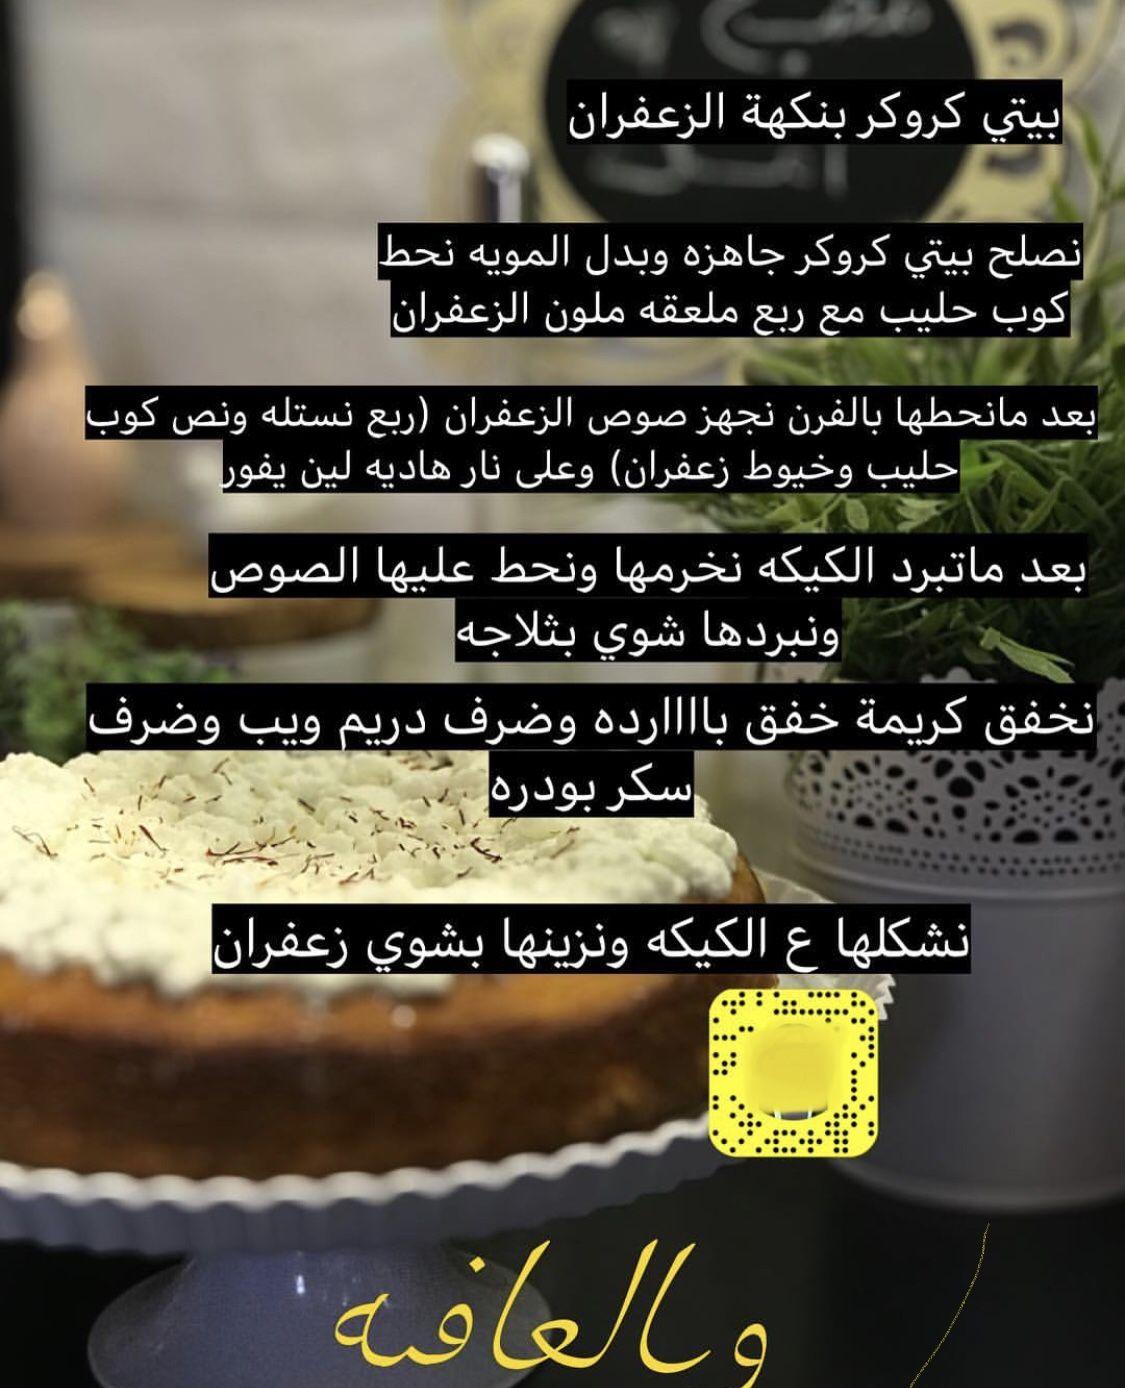 كيكة زعفران بخليط كيك جاهز Arabian Food Sweets Recipes Cooking